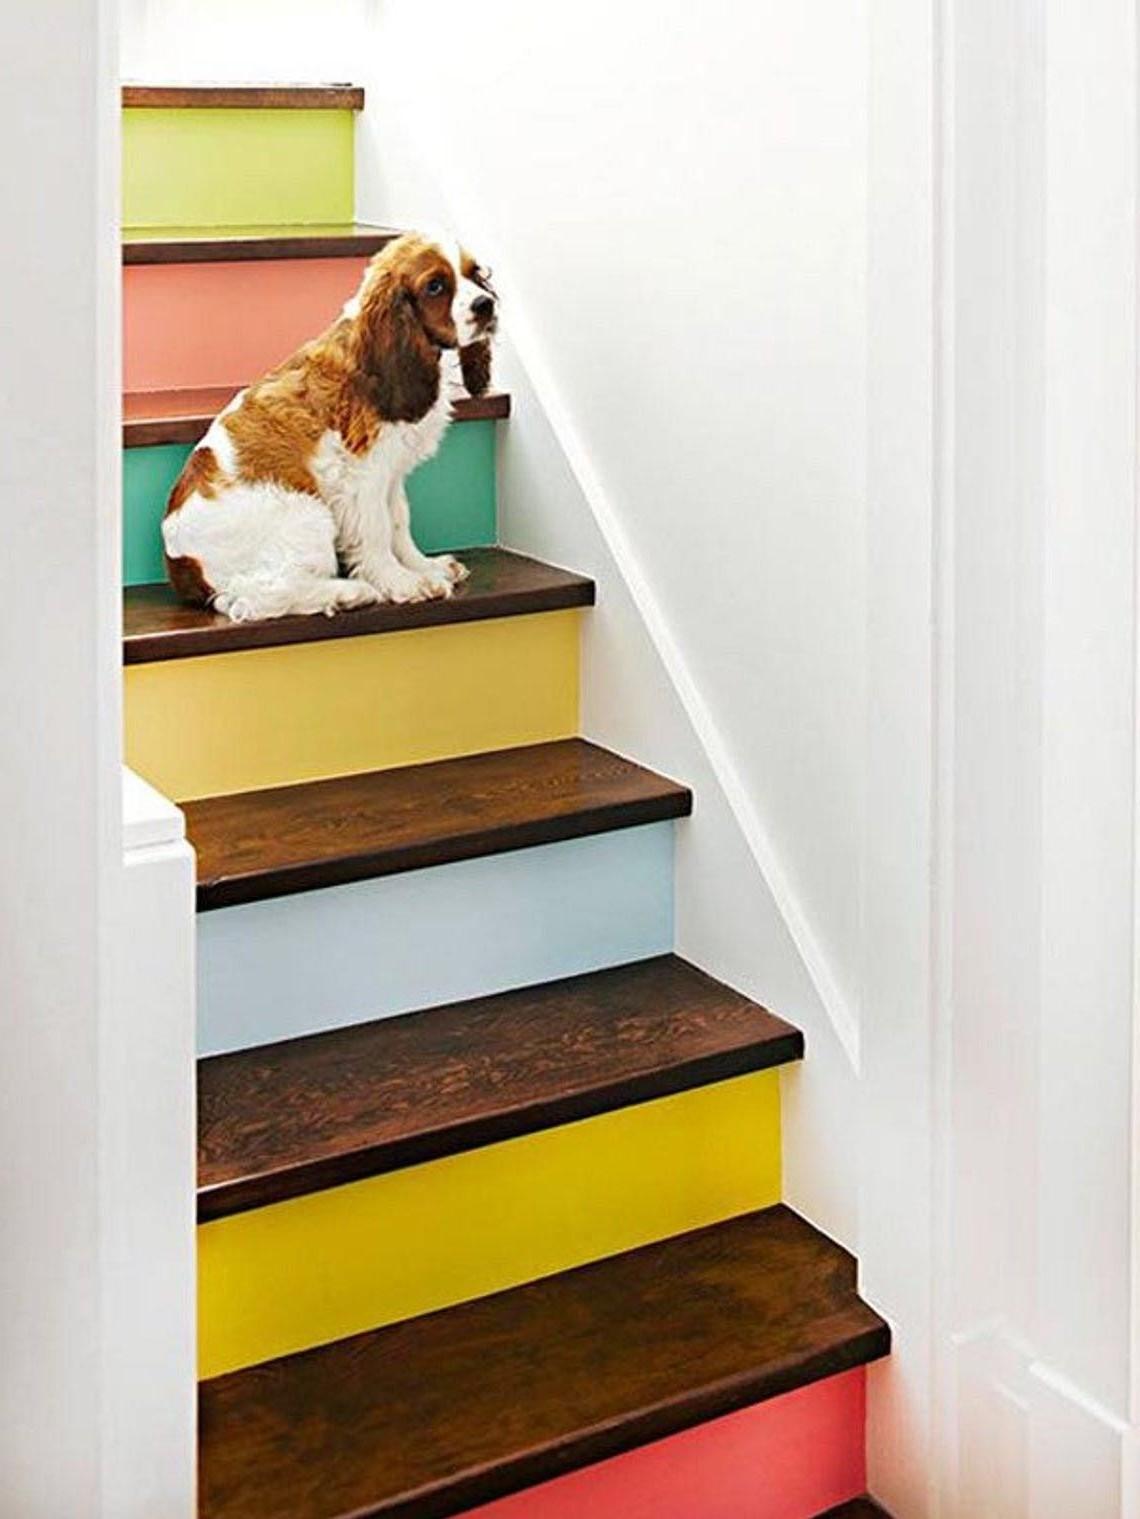 Repeindre l'escalier: Nettoyez en commençant par le haut de l'escalier et descendre en appliquant un apprêt et de la peinture.